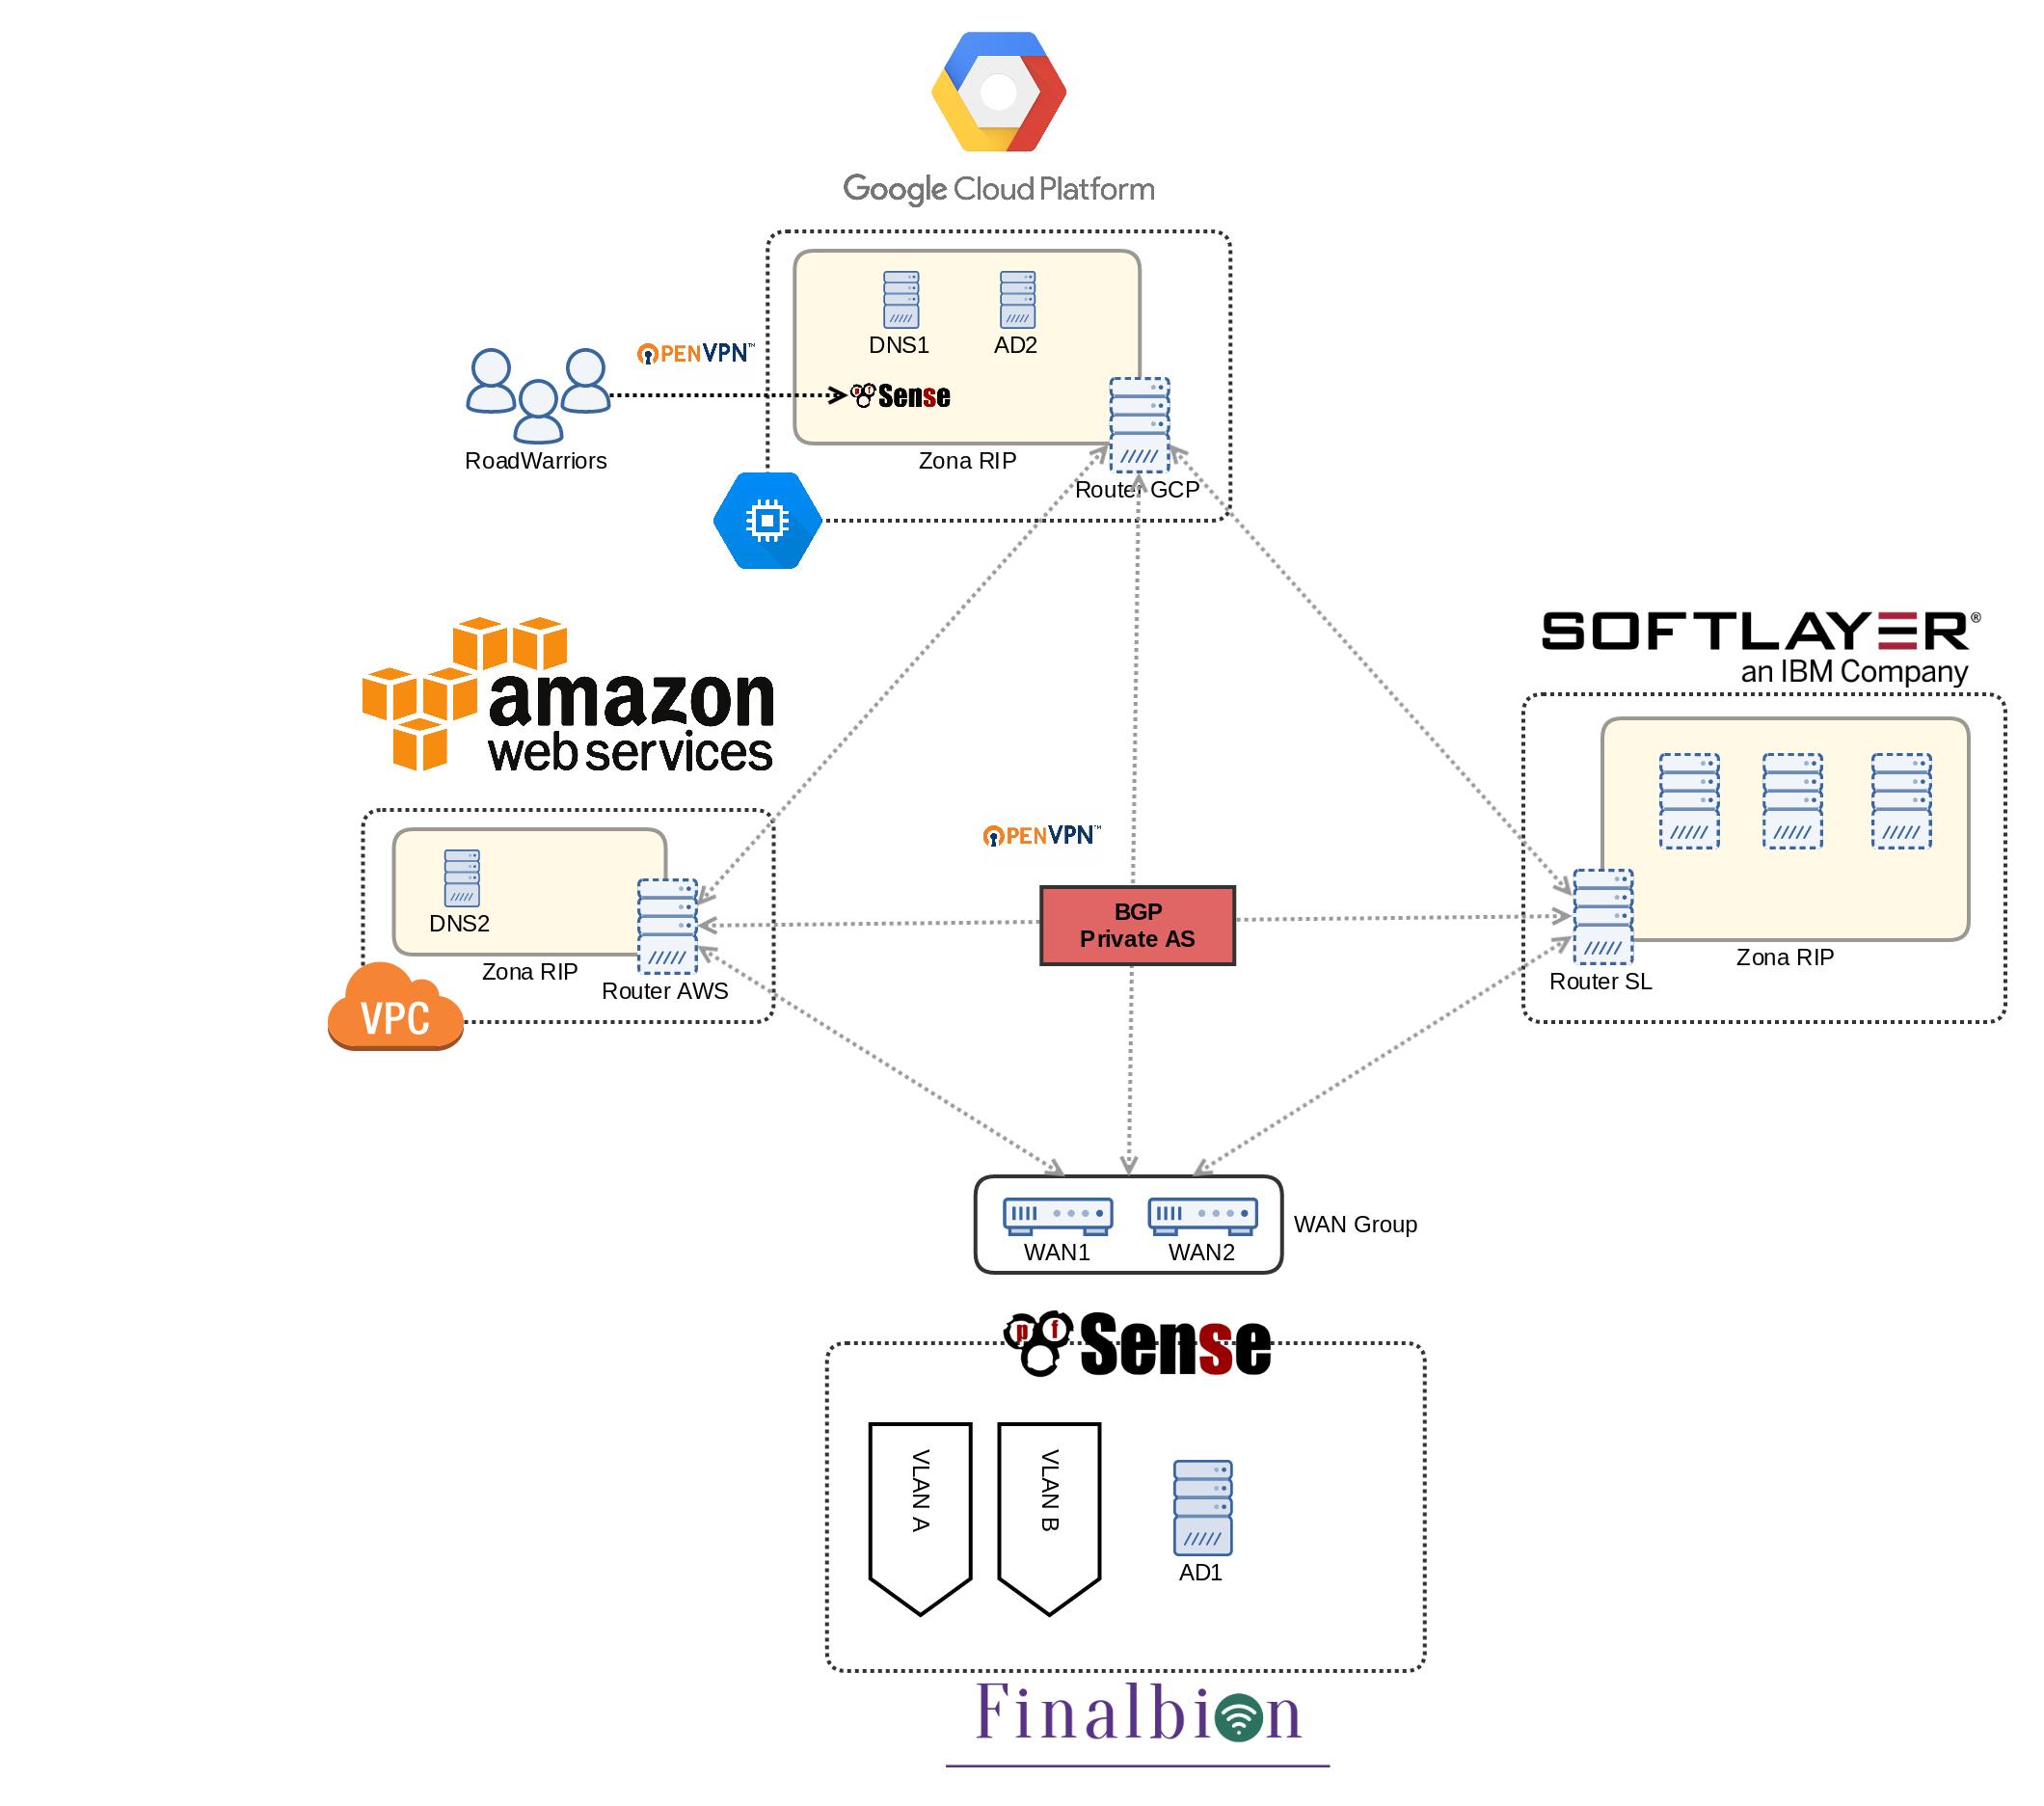 arquitectura infraestructura tecnológica Finalbion